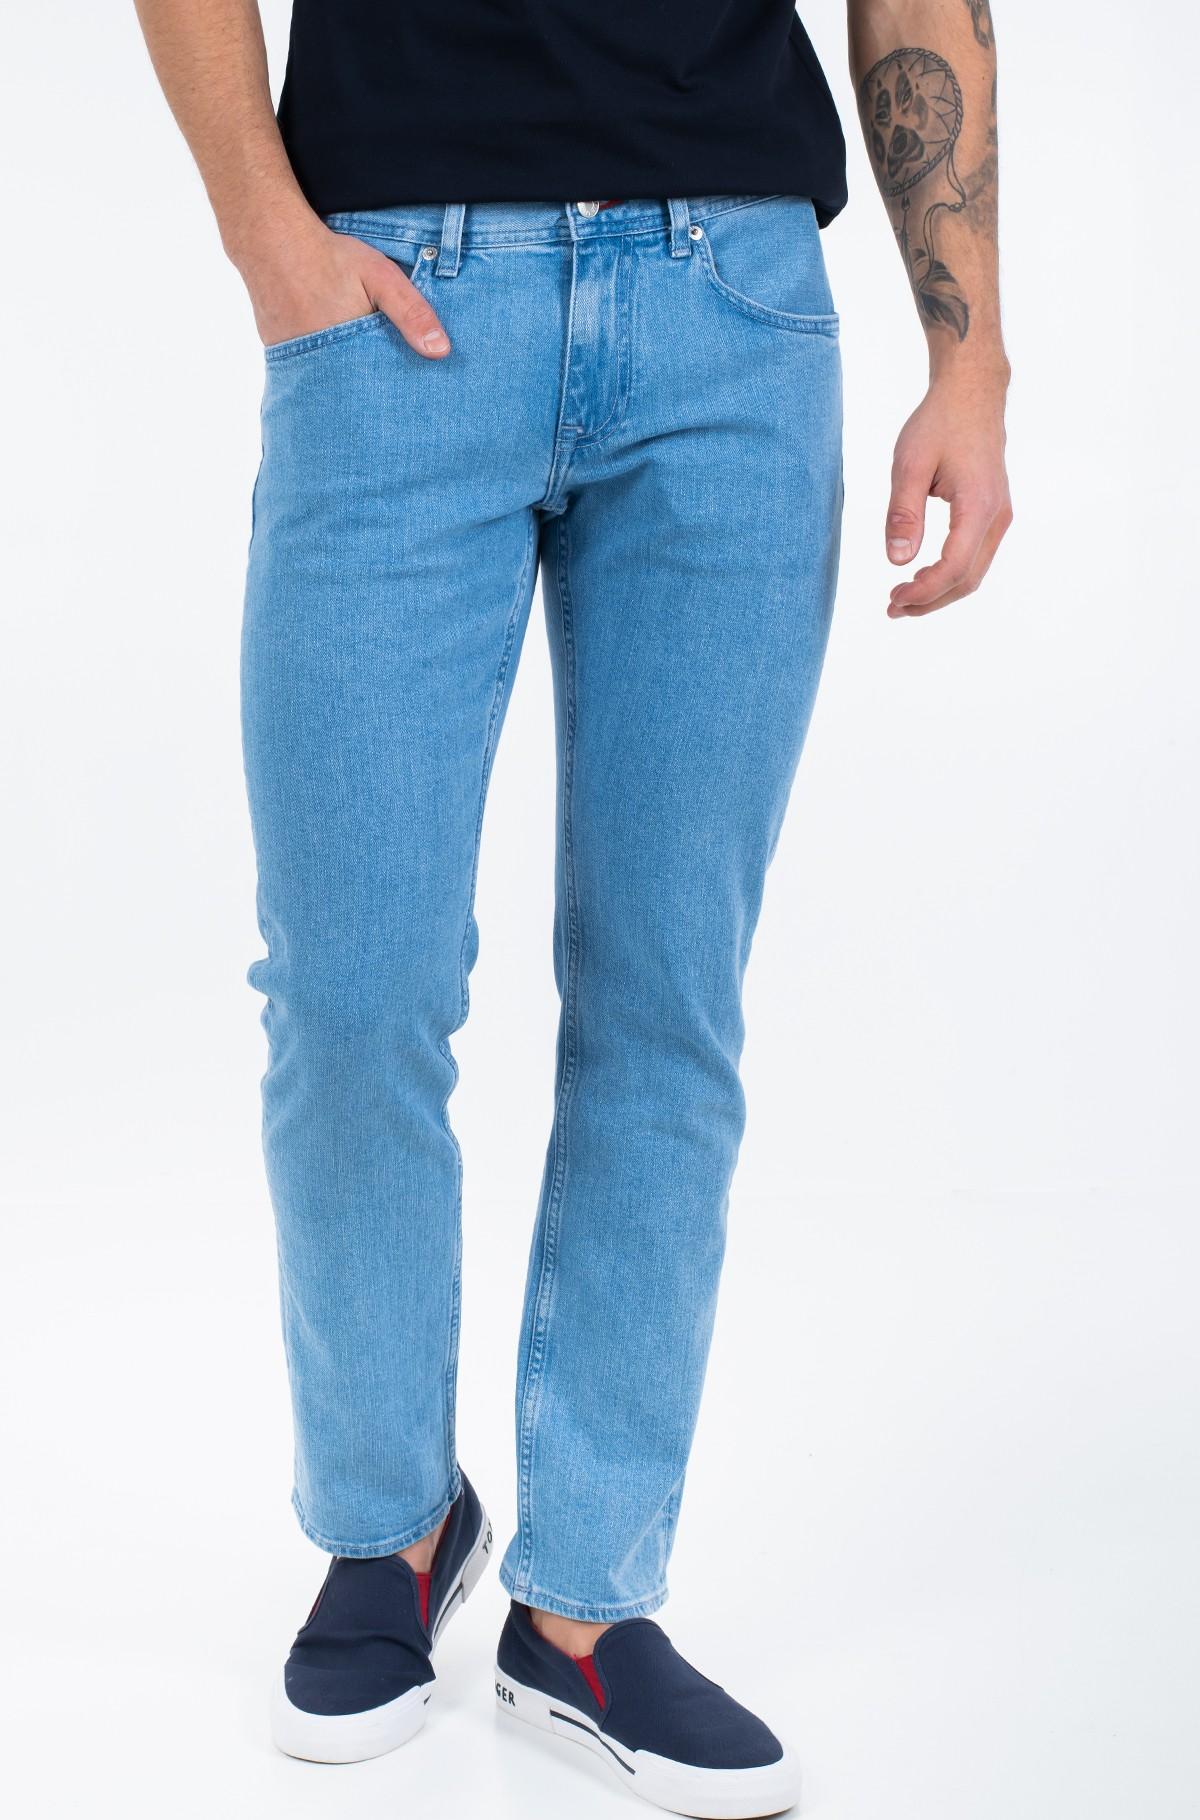 Džinsinės kelnės STRAIGHT DENTON STR ALTON BLUE-full-1